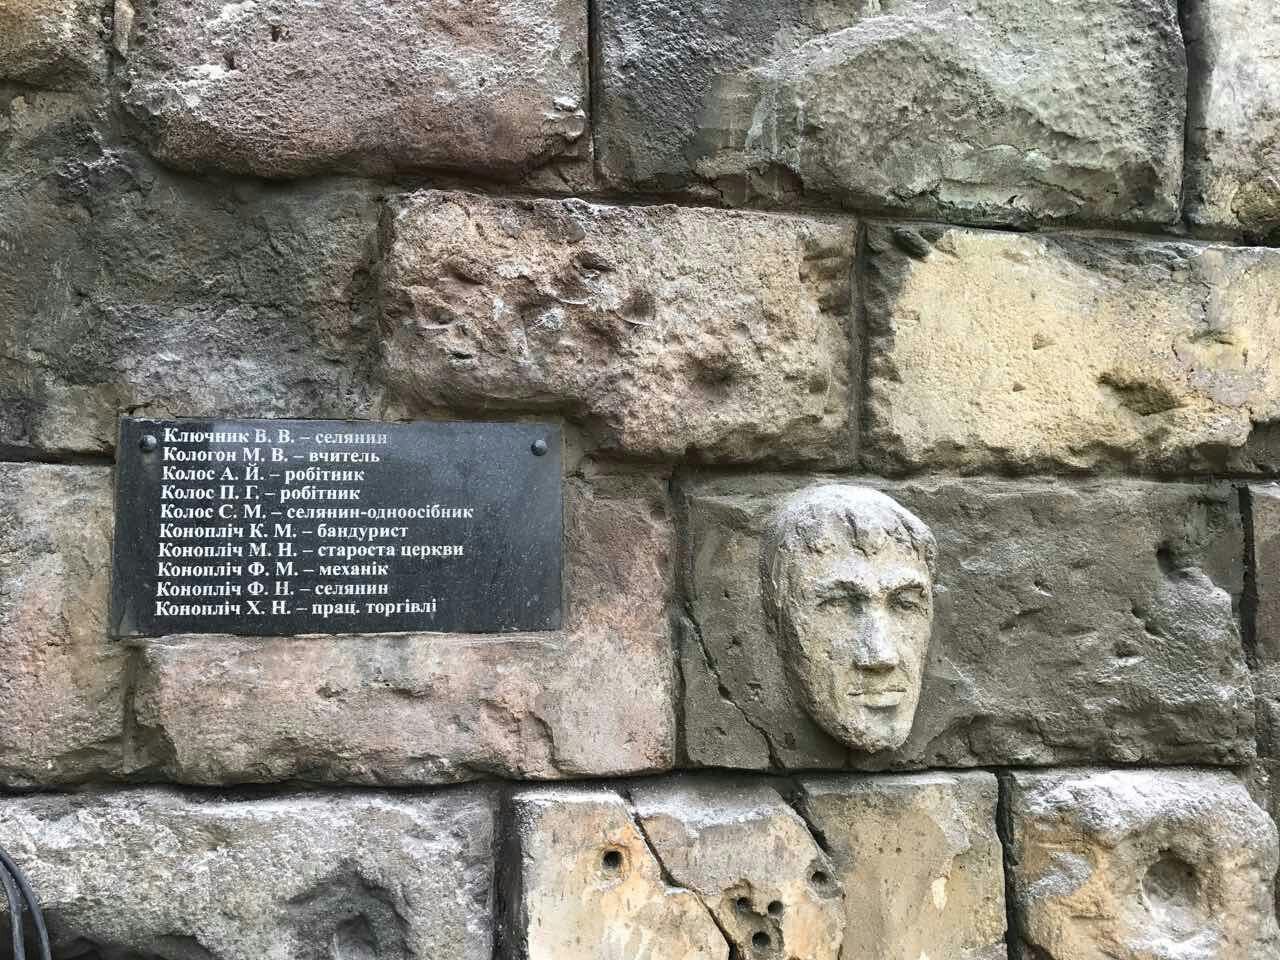 Меморіал учасникам антибільшовицького повстання 1920 року в Борисполі